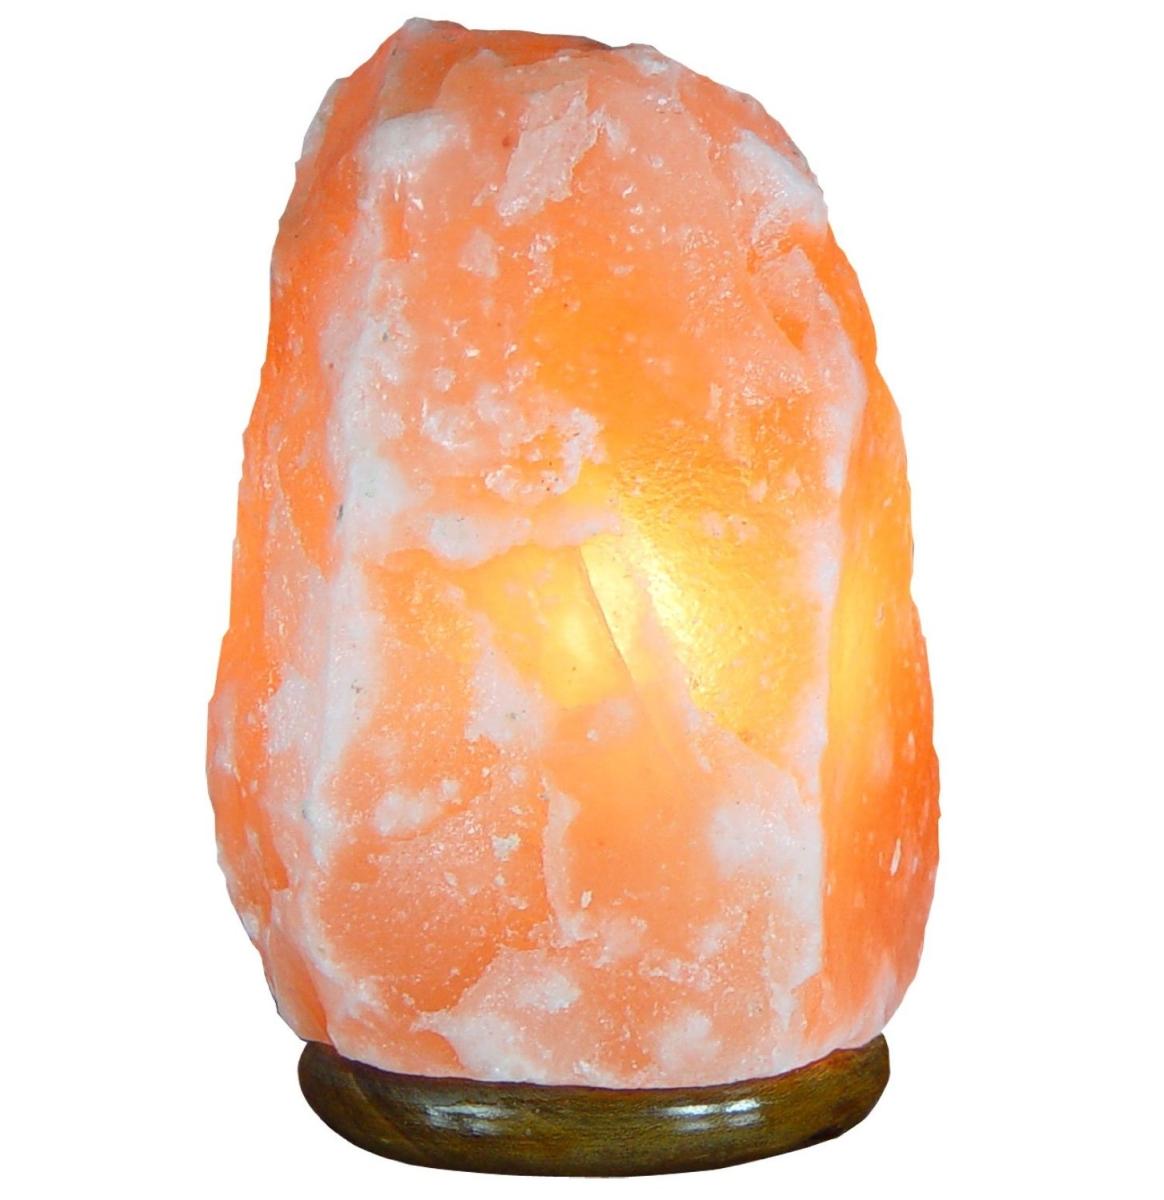 Лампа соляная Белоснежка, с плафоном из гималайской соли, E14, 15Вт, 10-15 кг18218Красивая и оригинальная соляная лампа Белоснежка с плафоном из гималайской соли. Плафон изготавливается из целого куска соли, которая добывается ручным способом, затем раскалывается на части и из небольших кусков изготавливают соляные плафоны. Такую лампу можно установить на столе, прикроватной тумбочке или на полу. Лампа создаст уютную атмосферу в вашем доме и станет прекрасным дополнением интерьера.Основание лампы выполнено из дерева. В комплект также входит электрический шнур с вилкой, диммером и патроном для лампы E14.